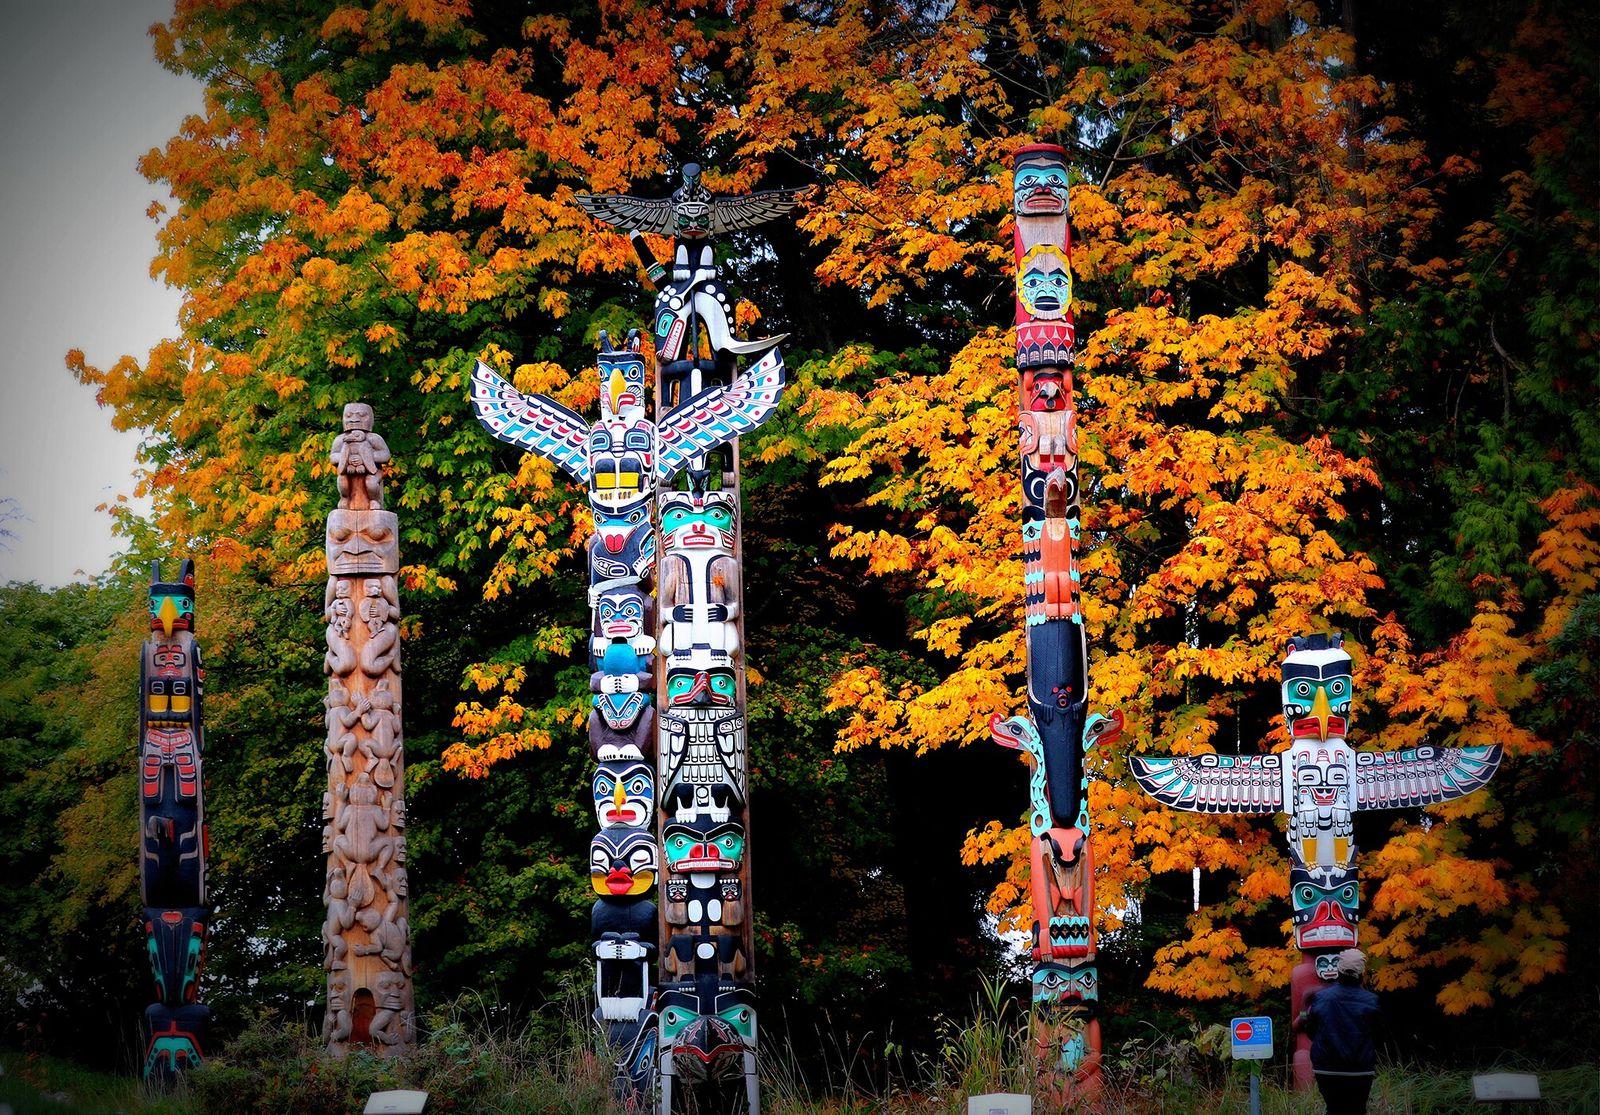 Colômbia Britânica Indígena, Canadá | Os totens no Parque Stanley, em Vancouver, são ricos em significado ...